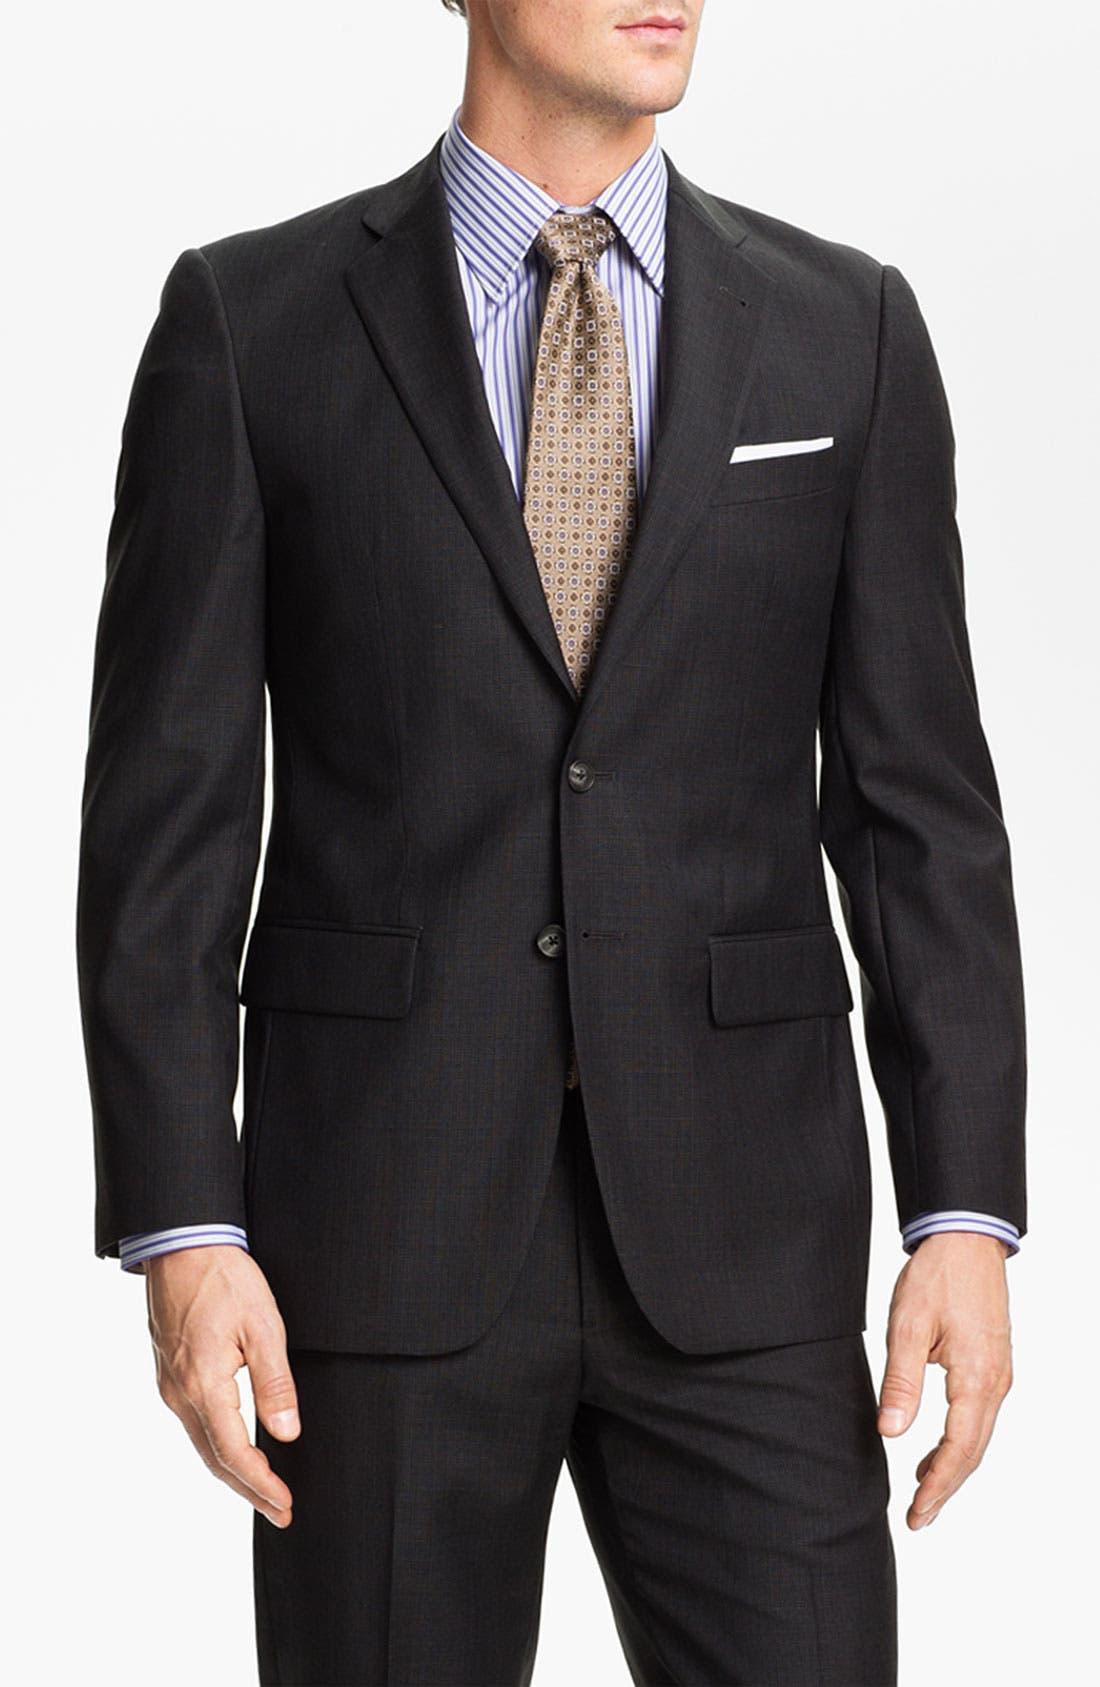 Main Image - Joseph Abboud Charcoal Plaid Wool Suit